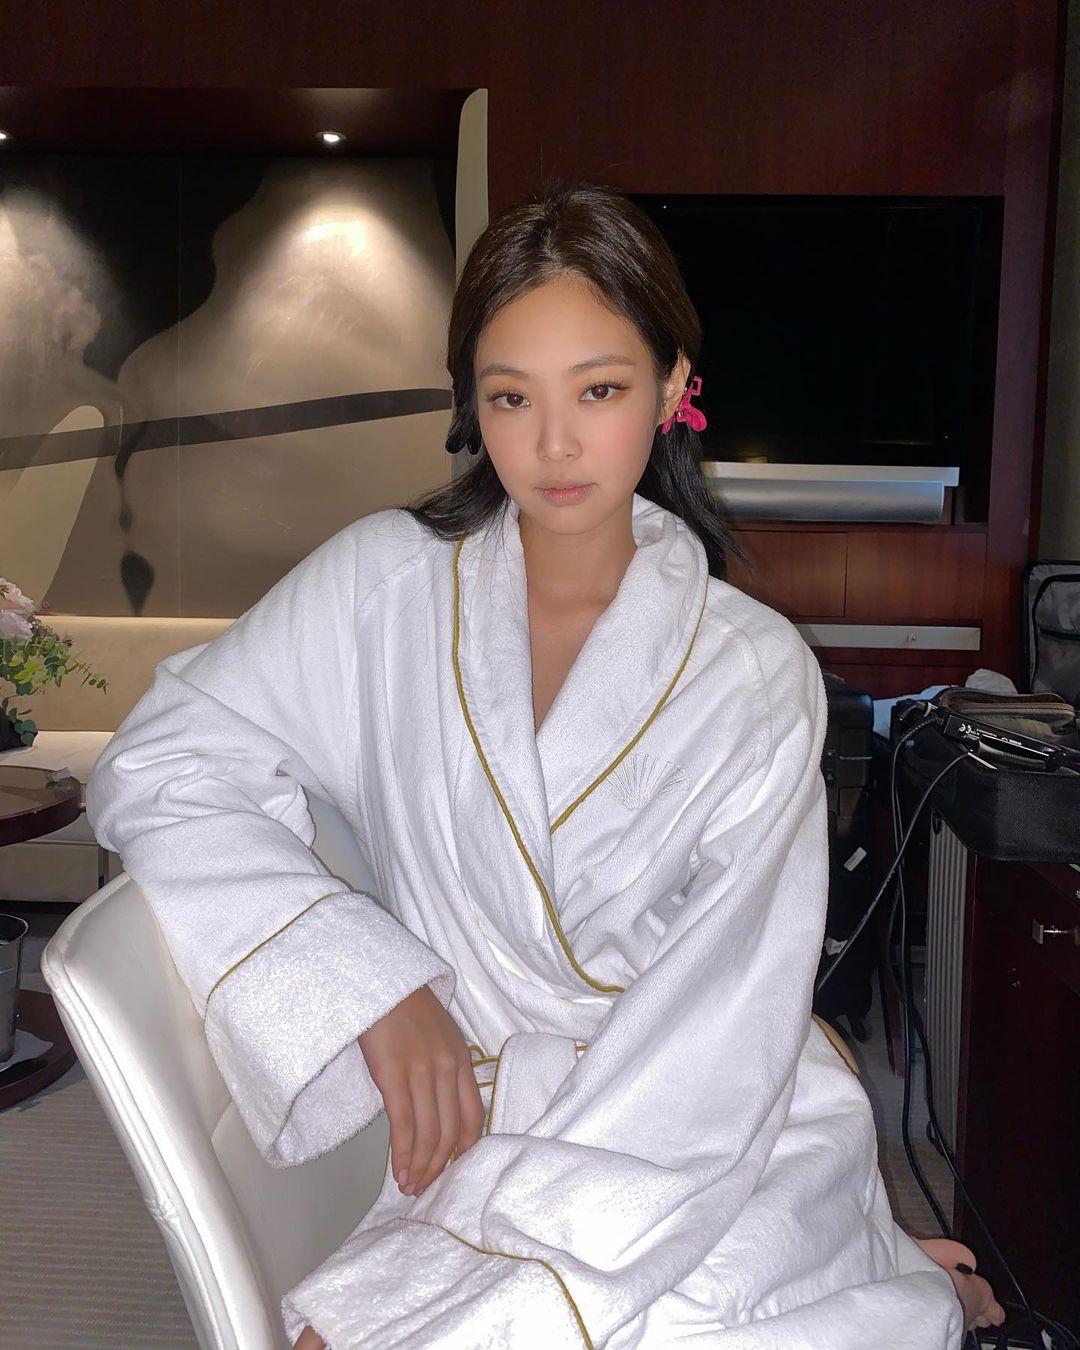 Trong những lần ghi lại ảnh hậu trường khi đang makeup, Jennie luôn khoe khí chất đỉnh cao dù lớp trang điểm chưa hoàn thiện.